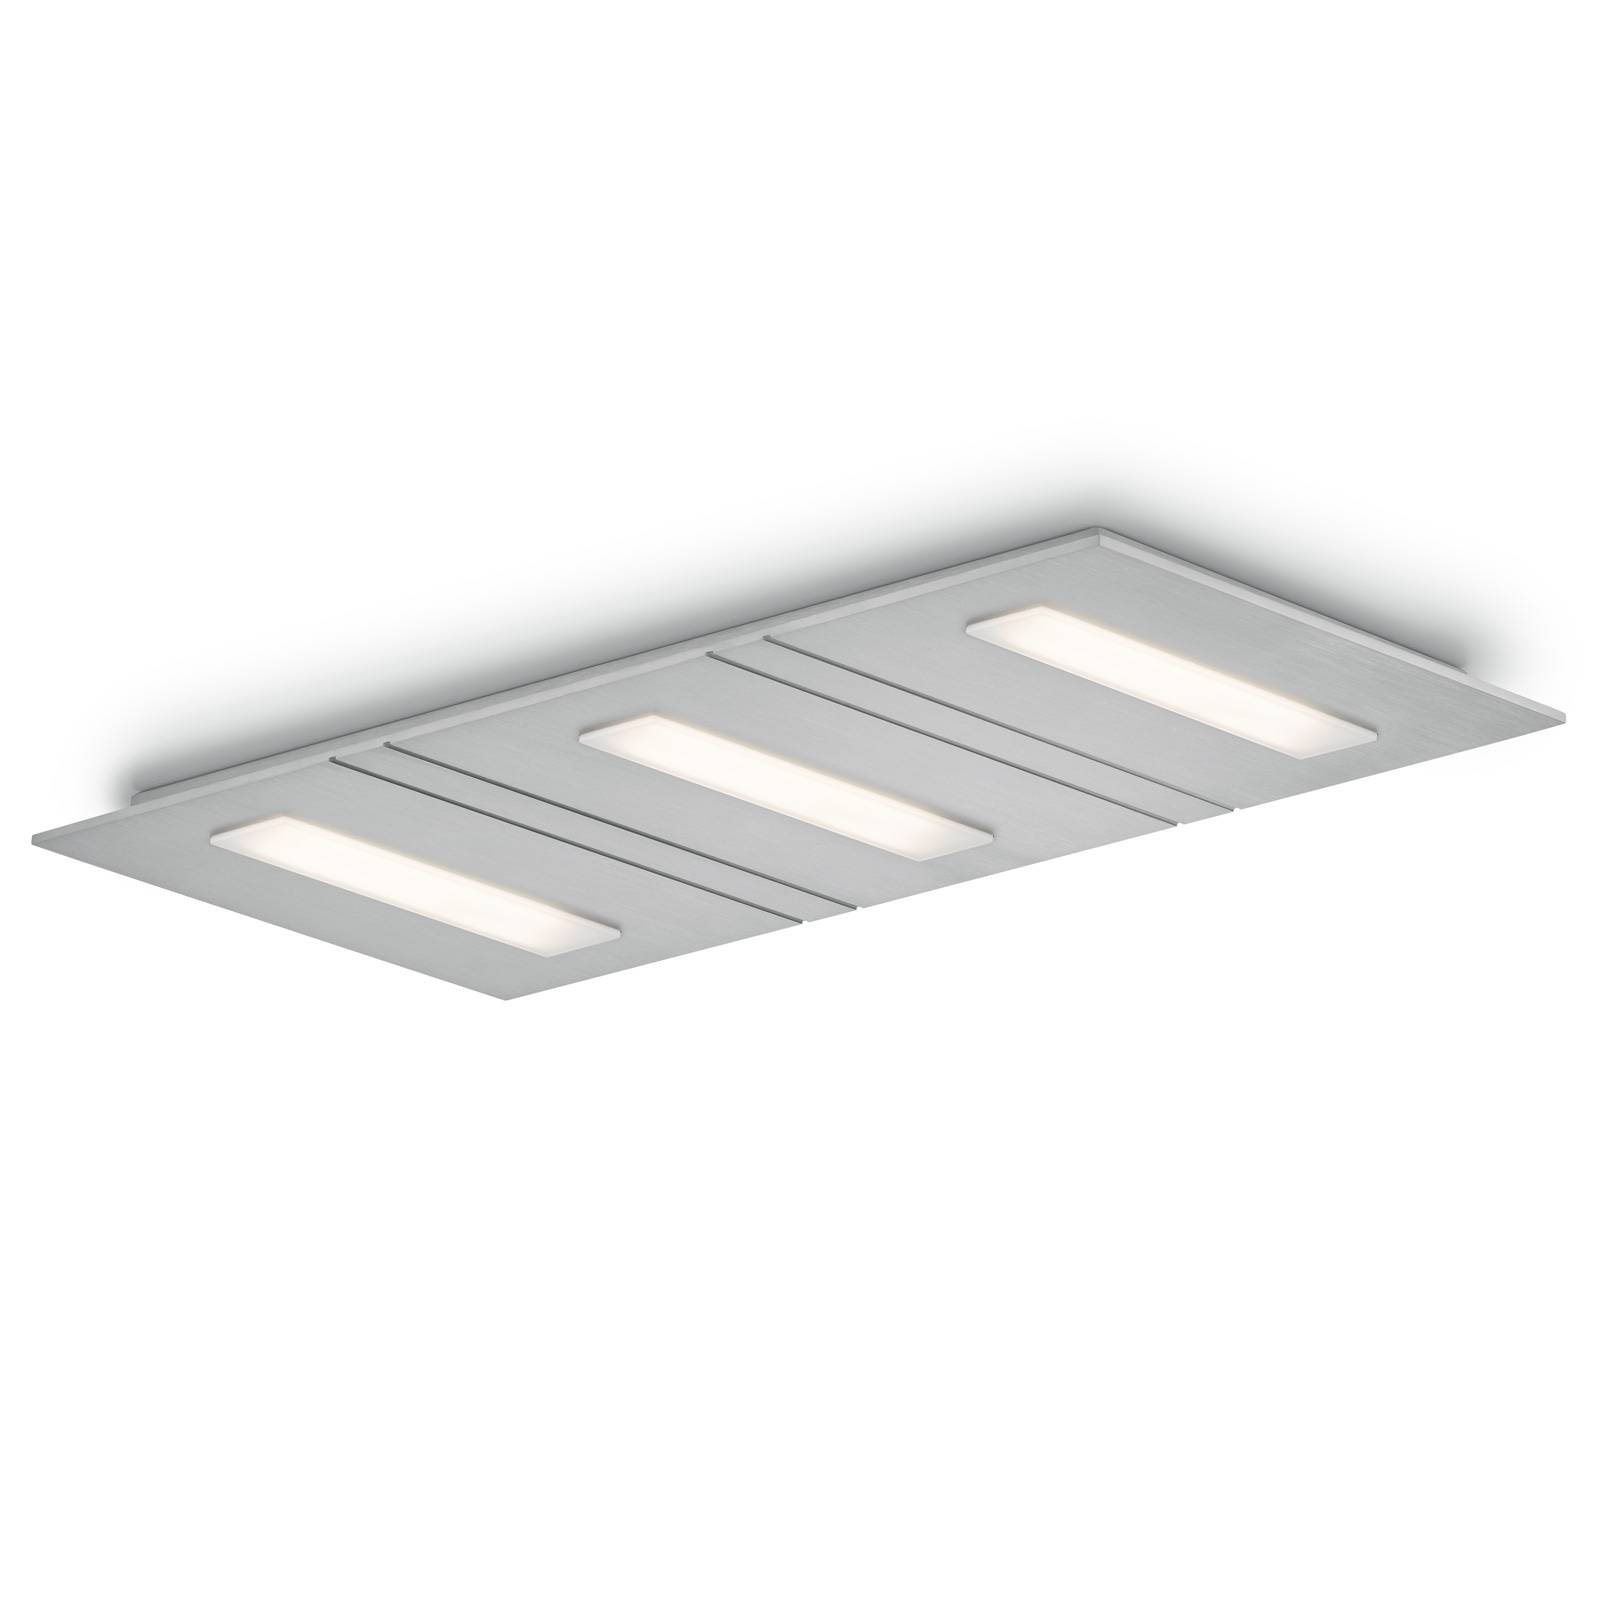 LED-kattovalaisin Sina-3, dim-to-warm 3-lamppuinen